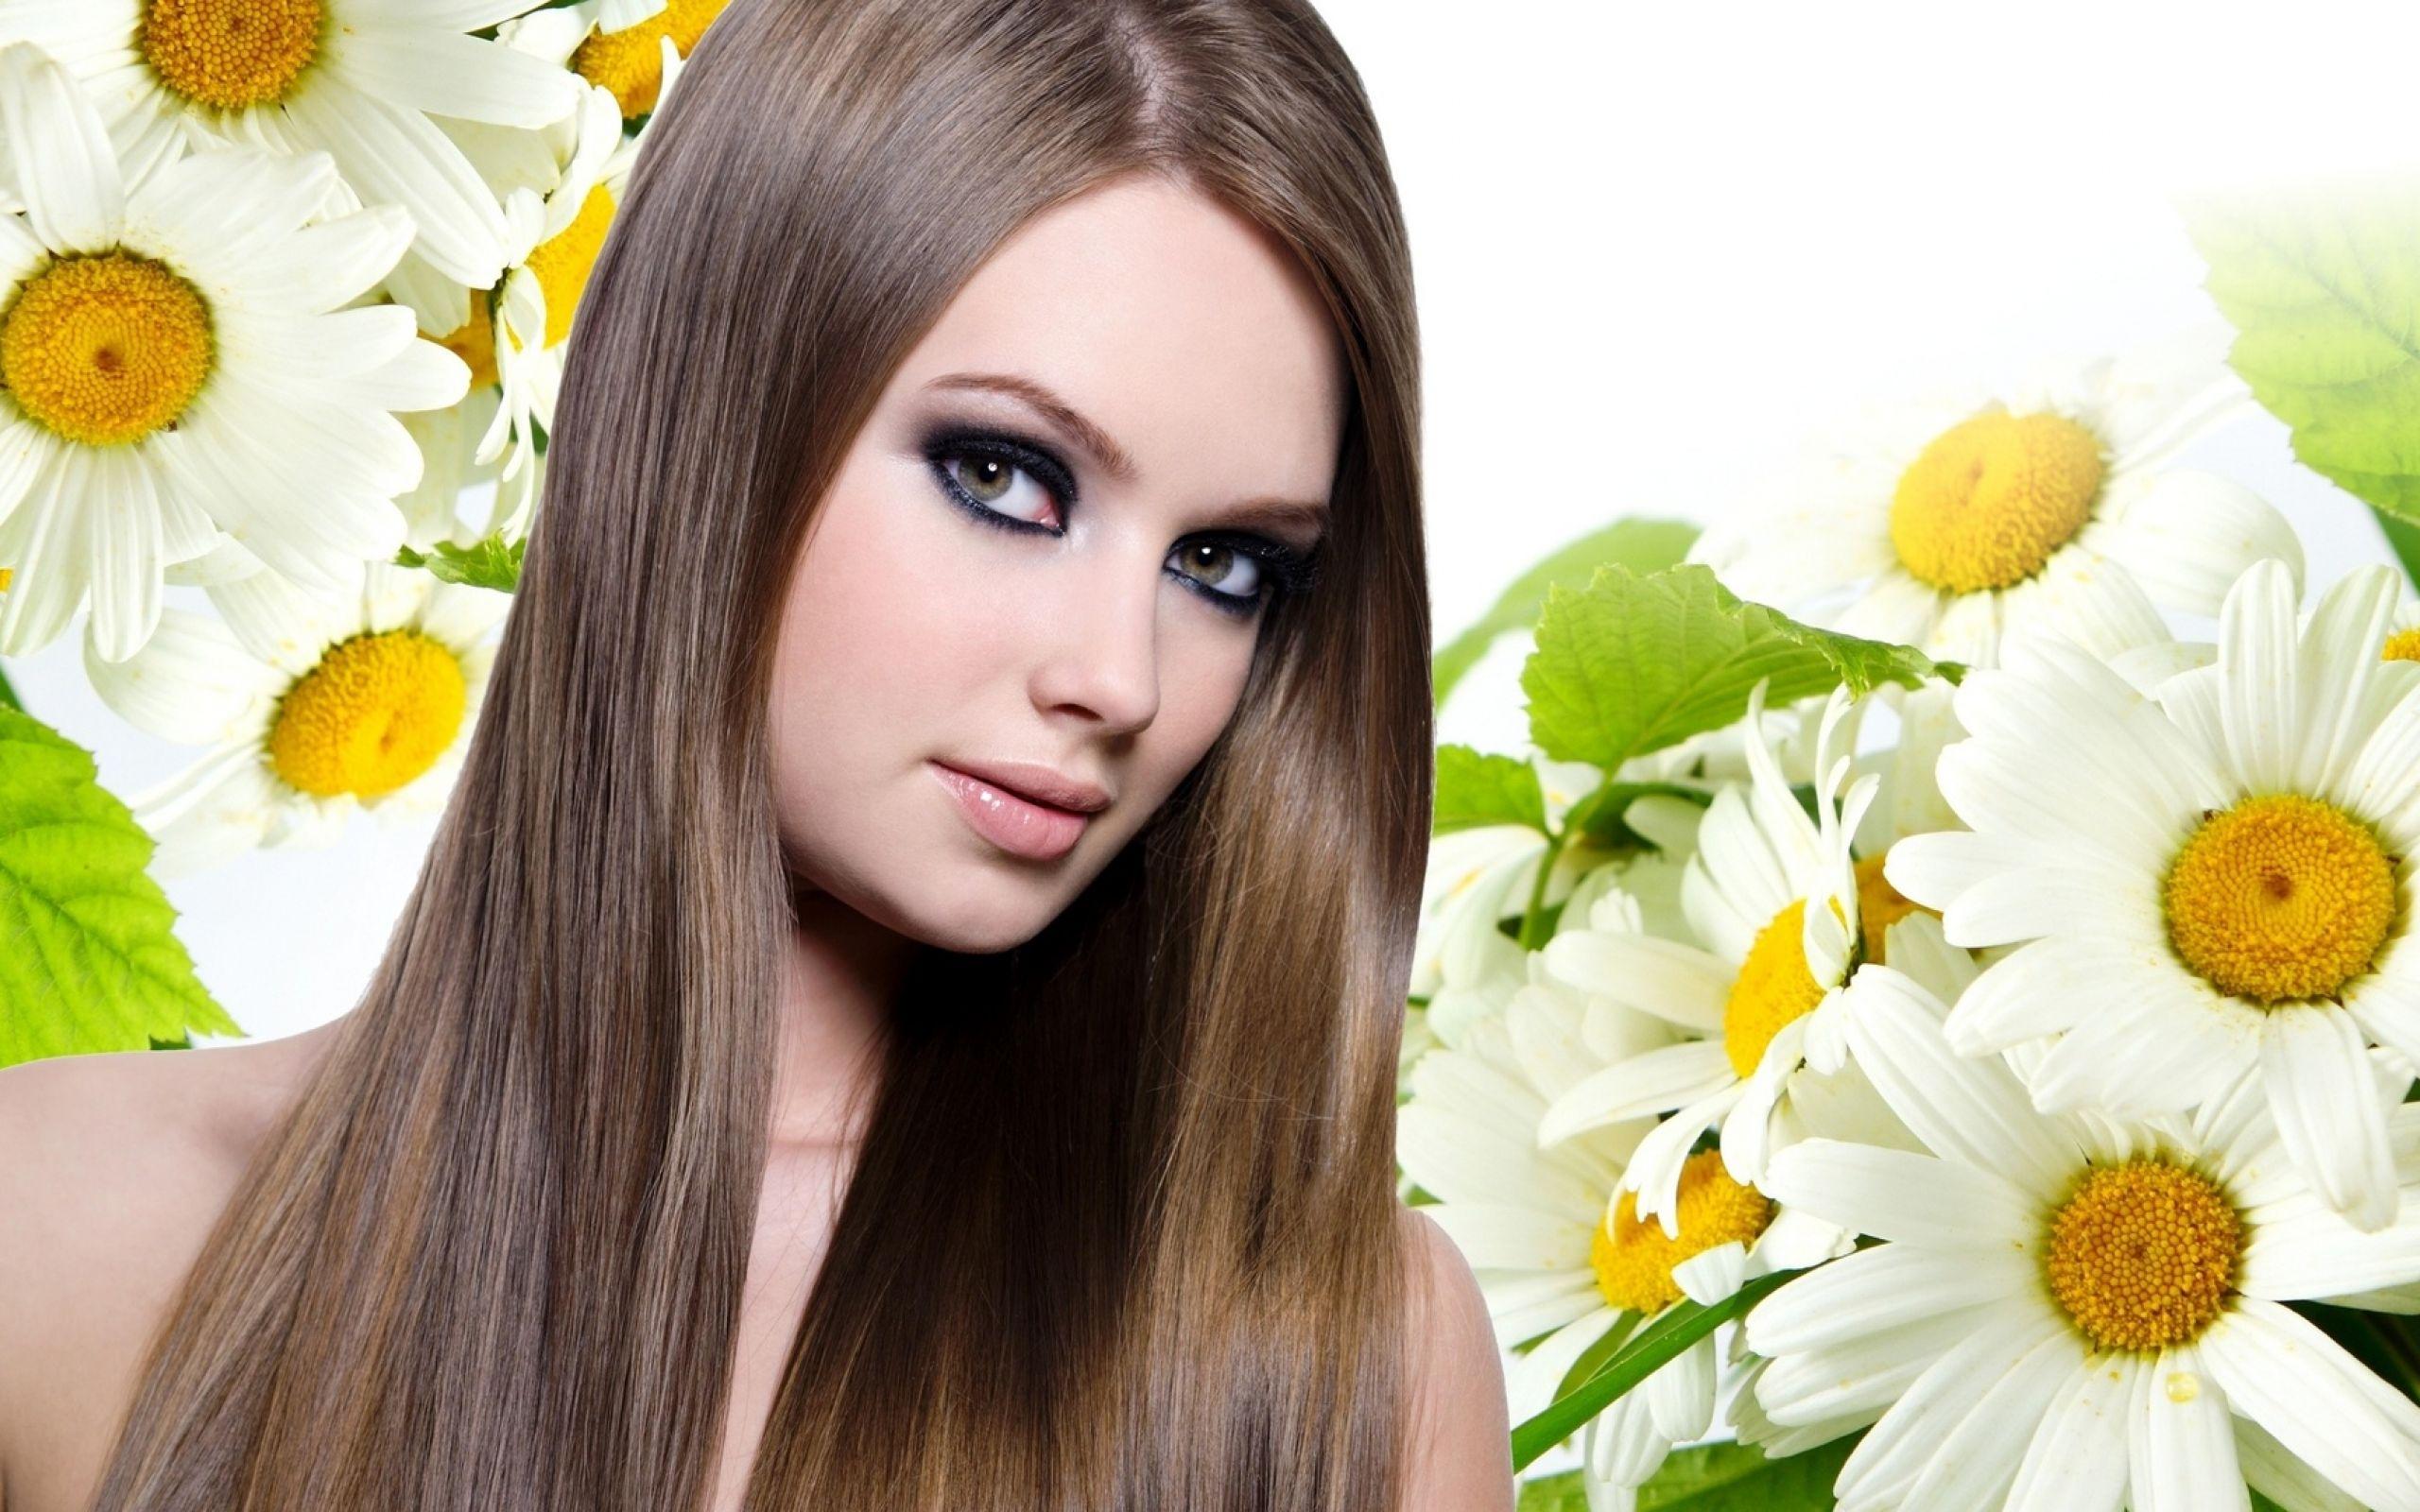 Фото девушек с красивыми волосами одинаковые 17 фотография